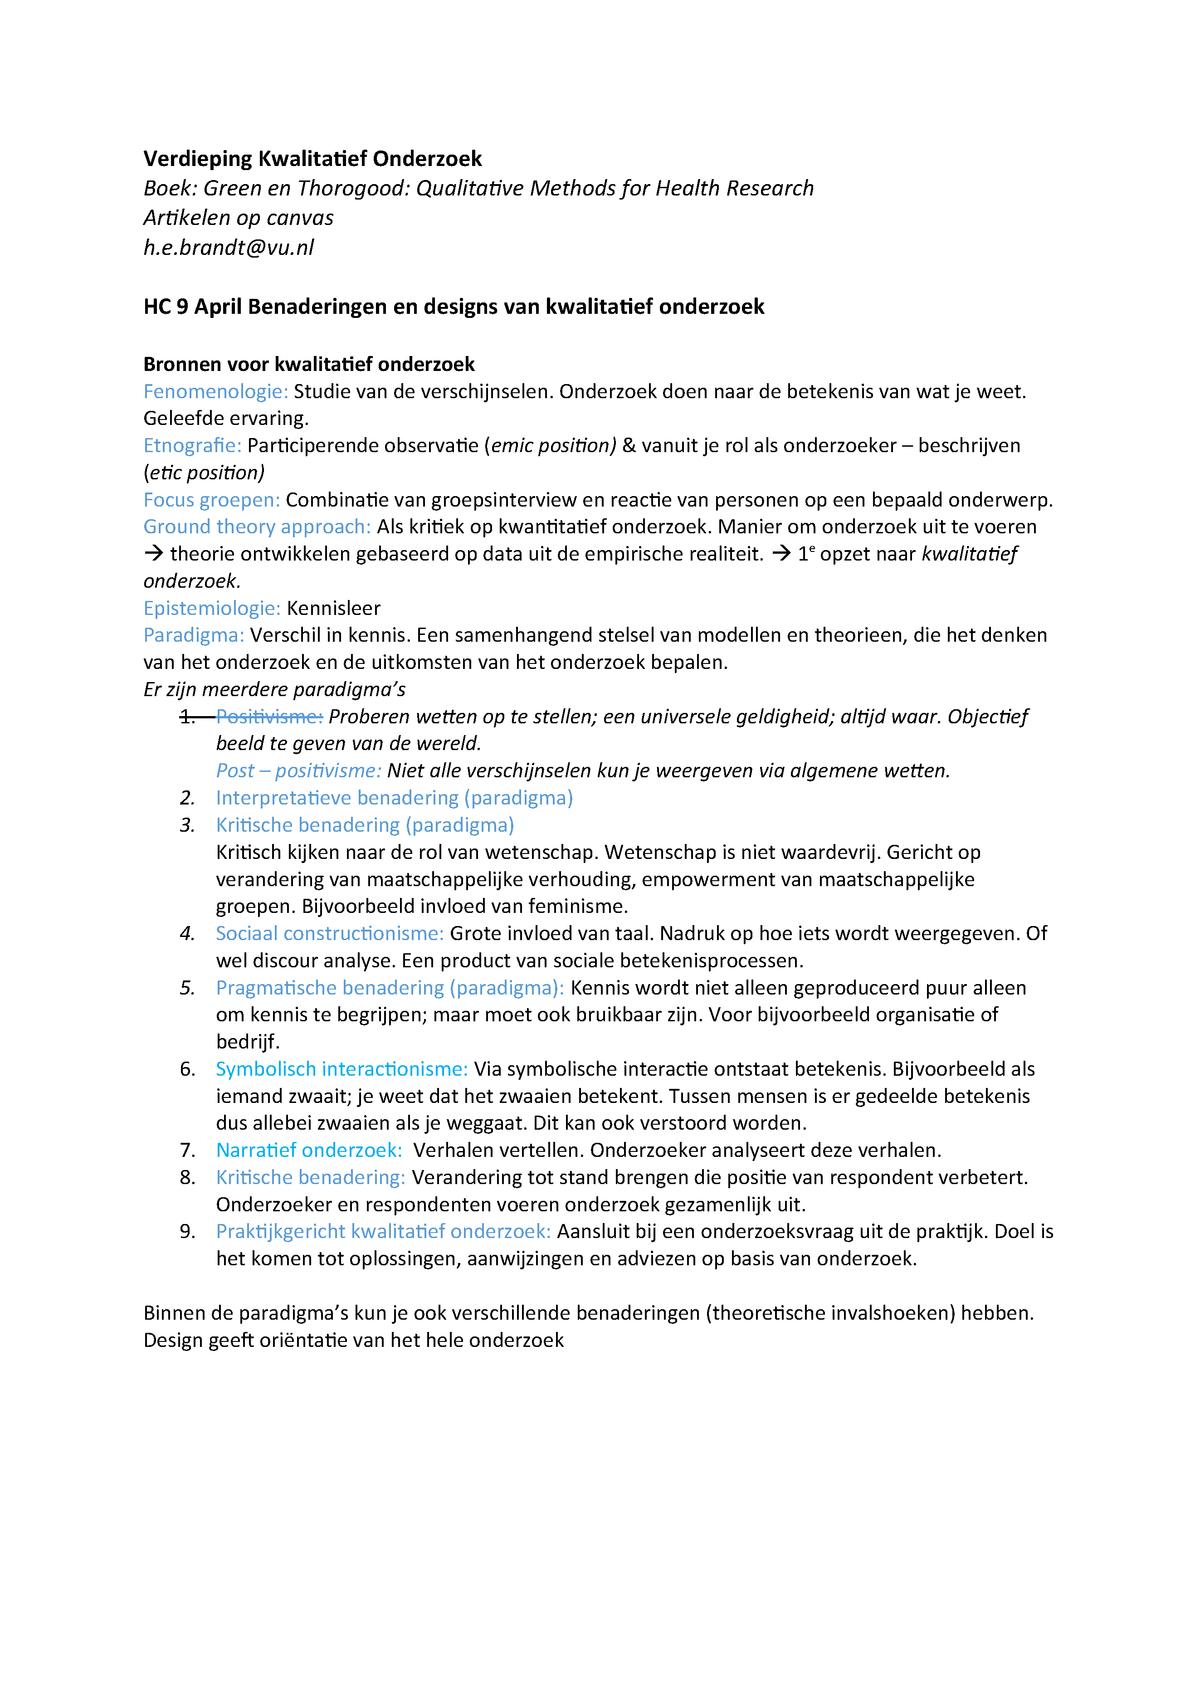 Verdieping Kwalitatief Onderzoek - AB_1172: Verdieping